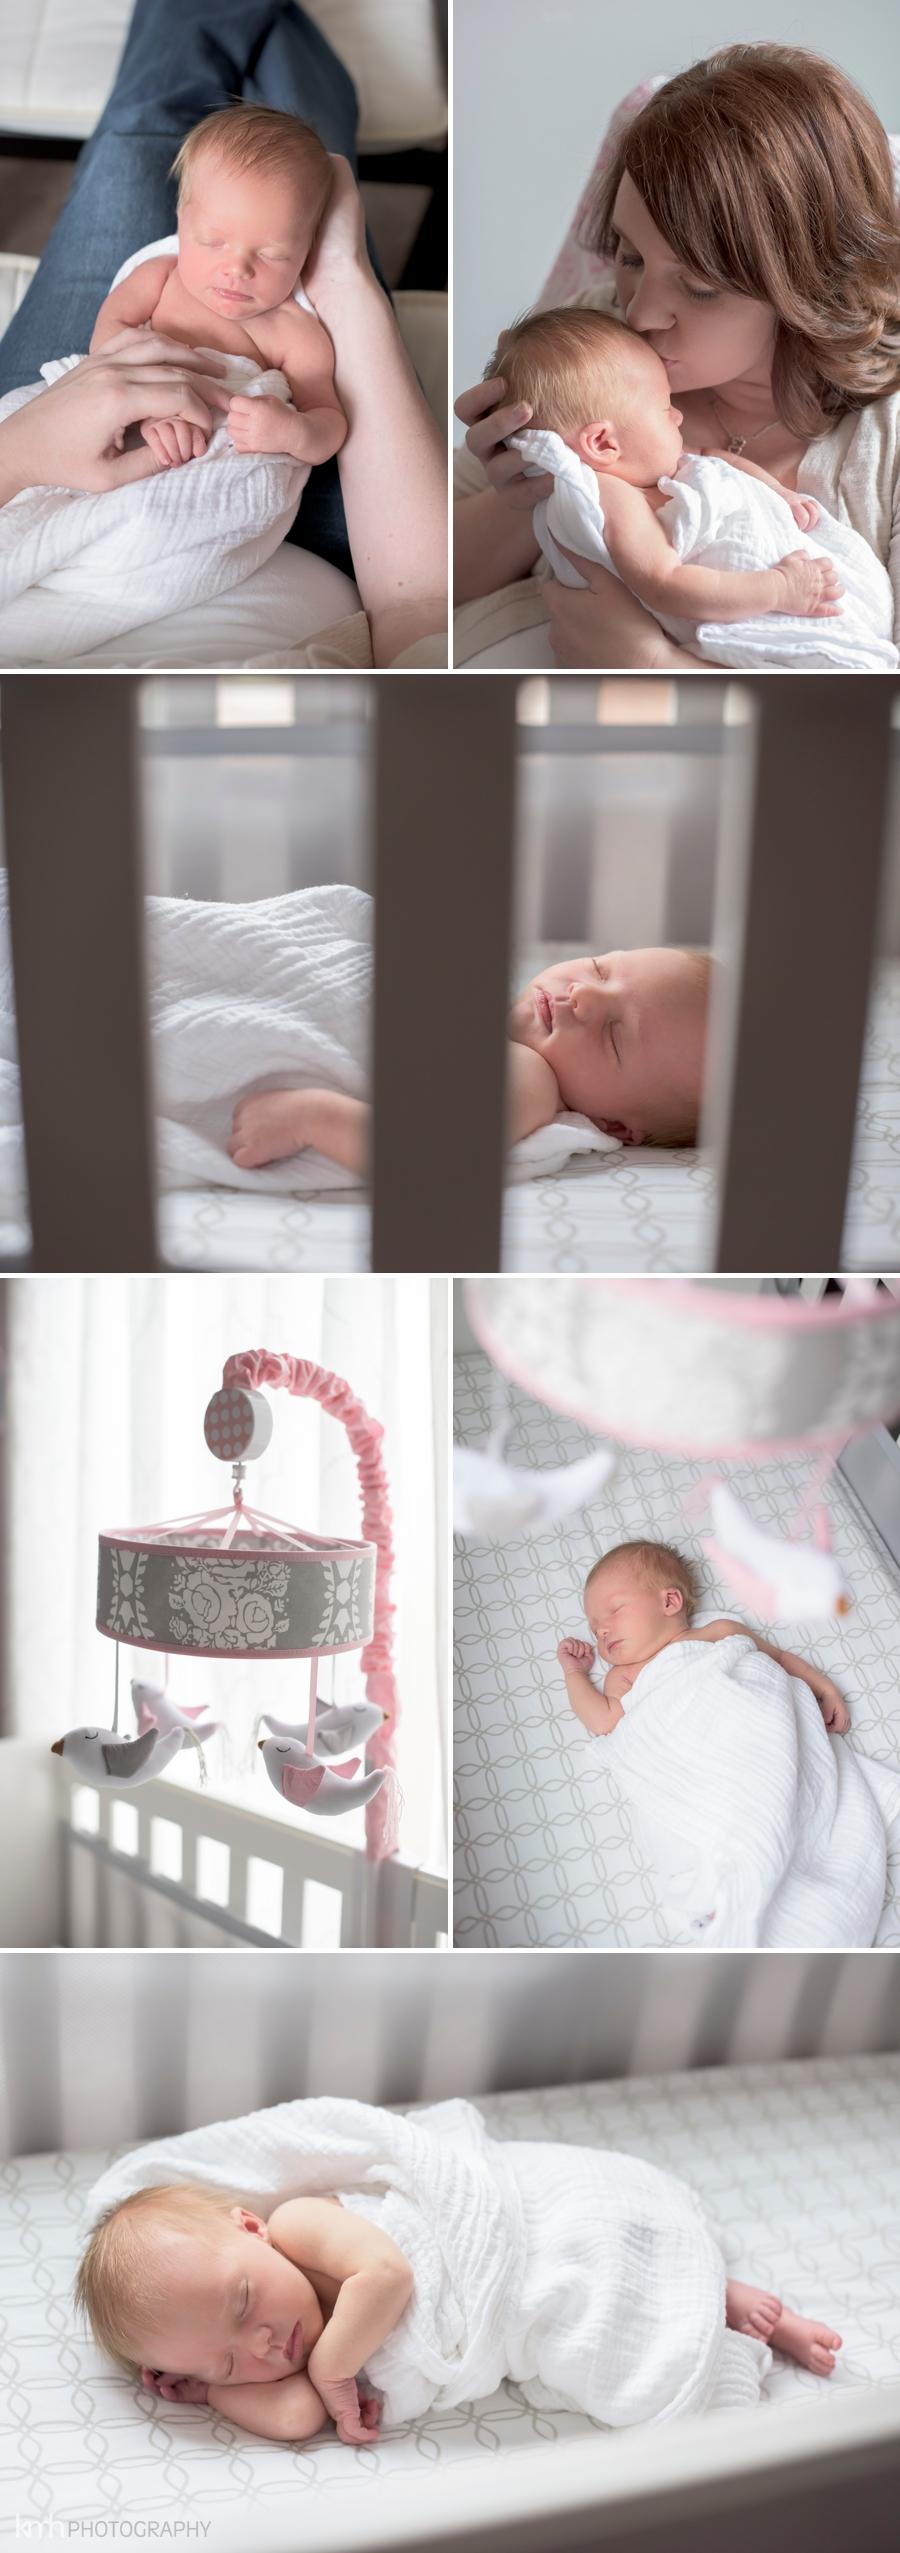 kmh-las-vegas-newborn-photography-babye-4